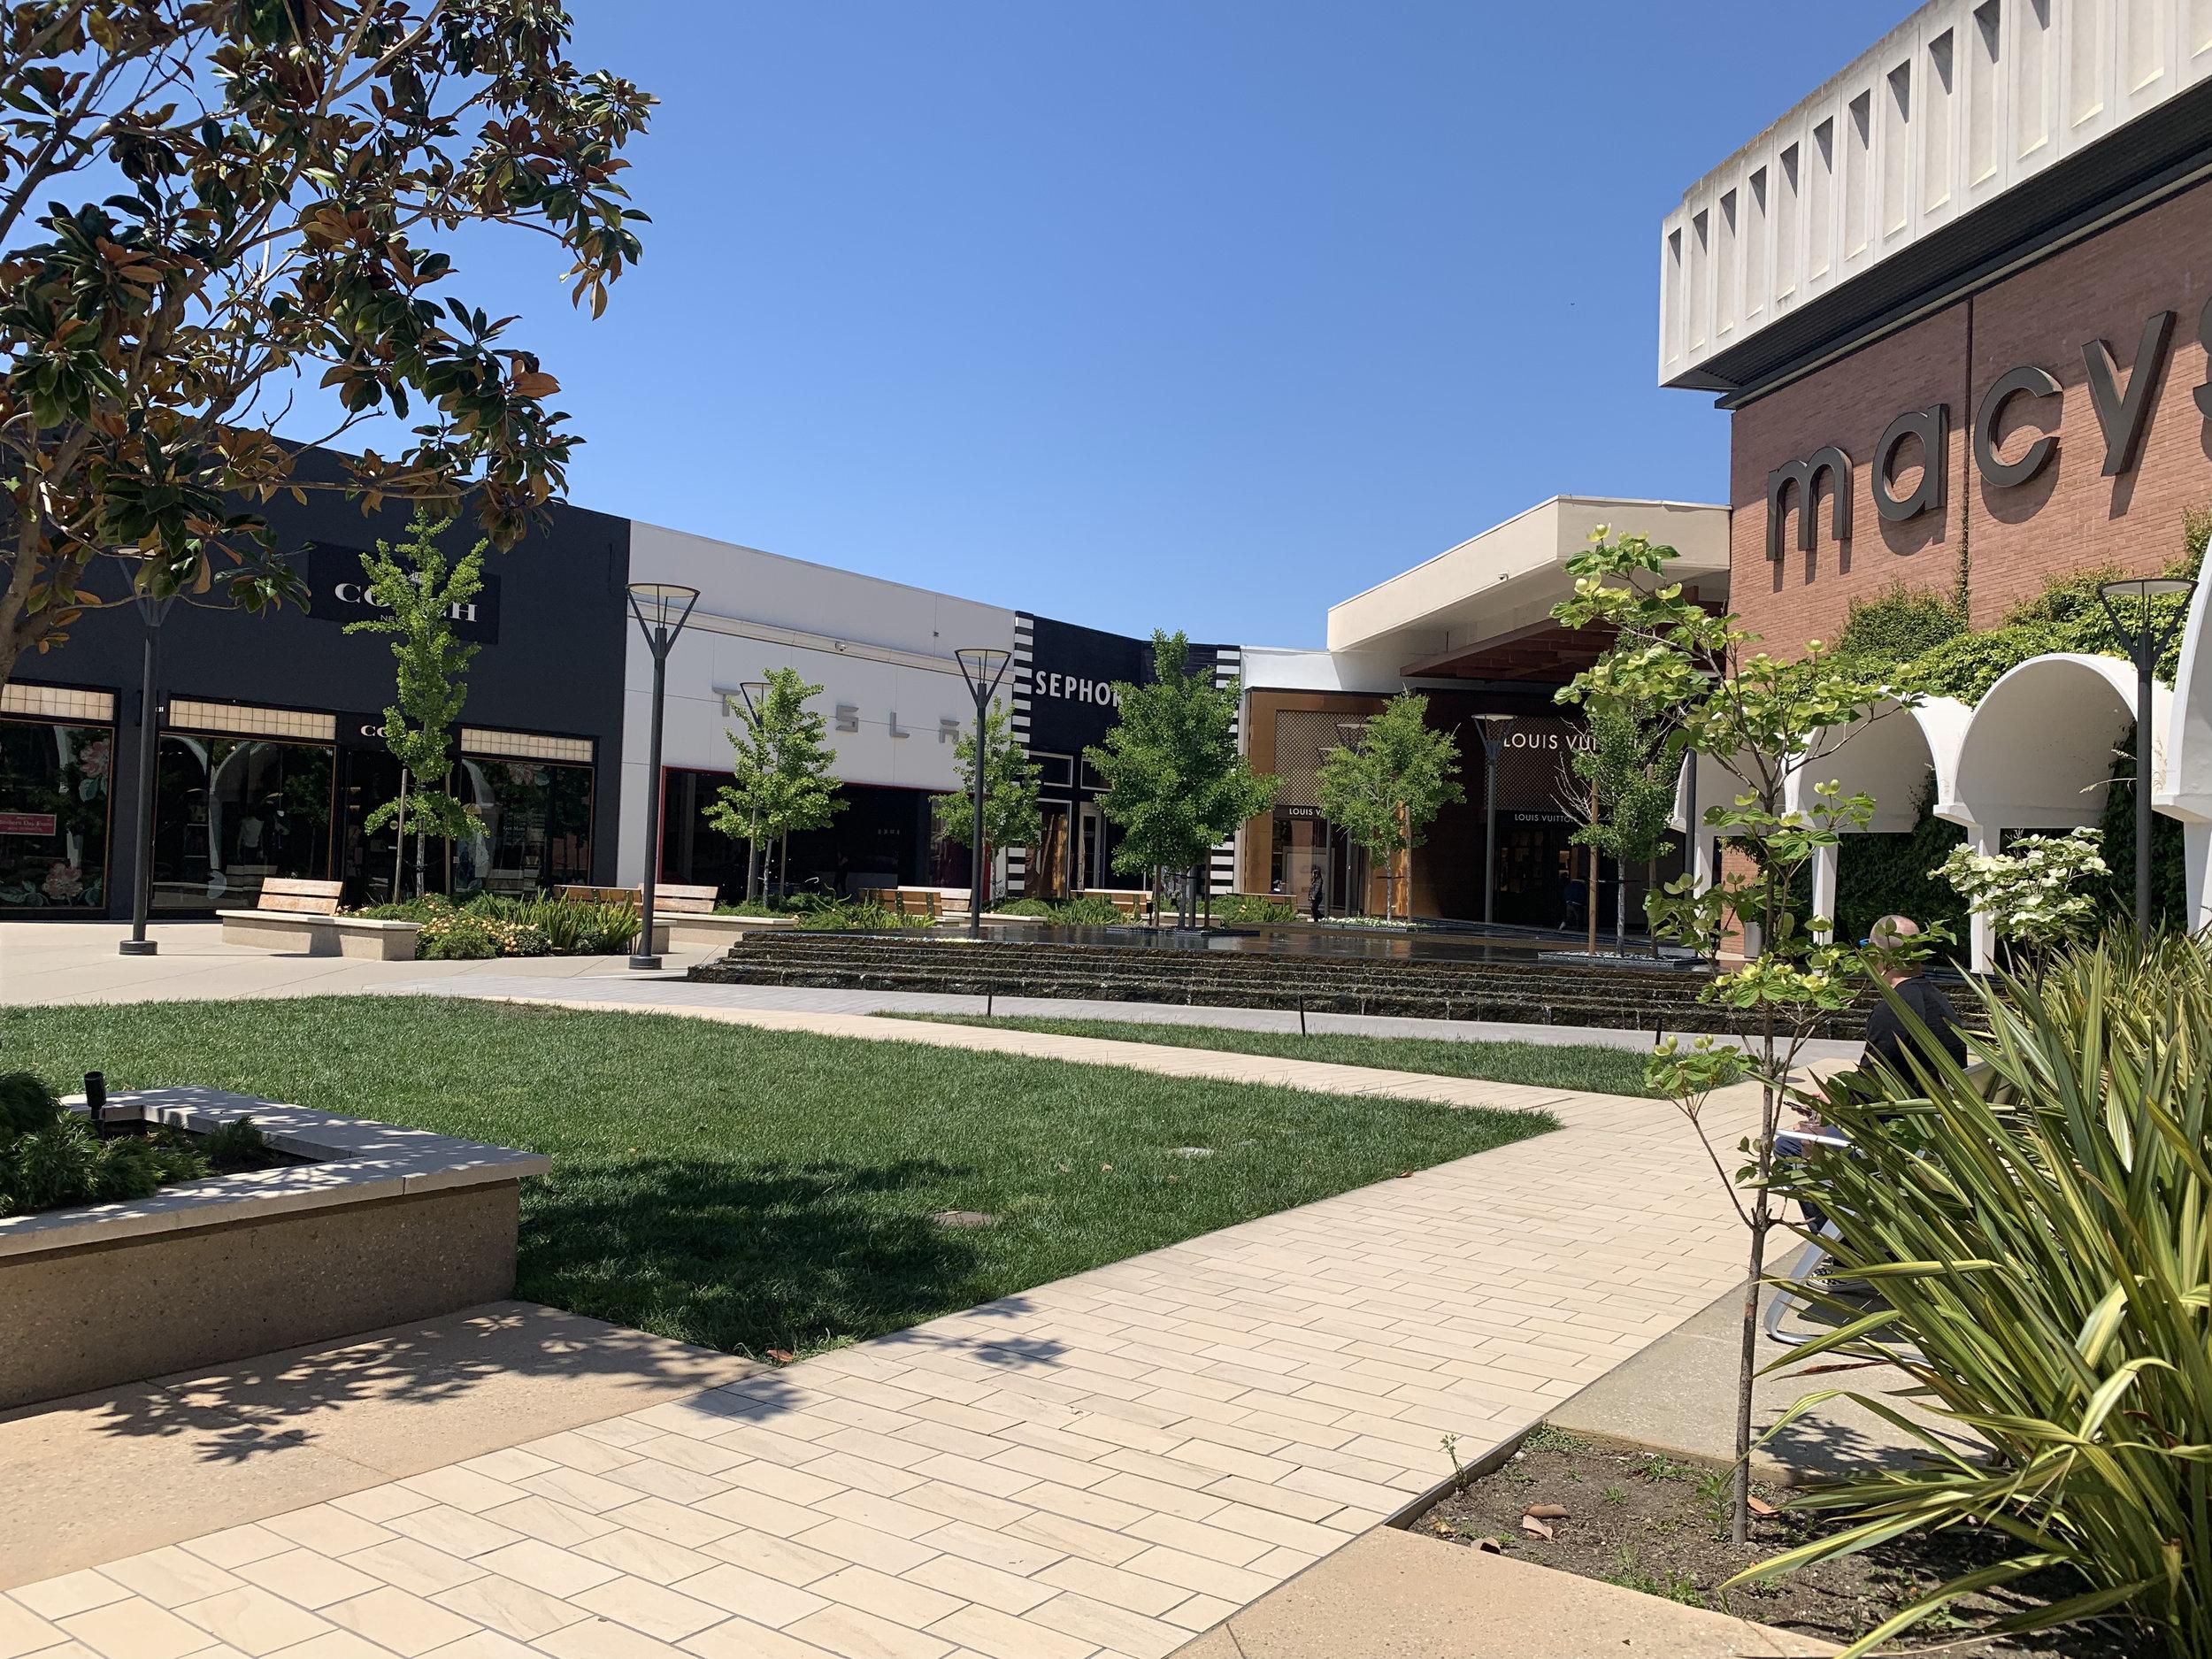 Stanford Shopping Center Macy's.jpg